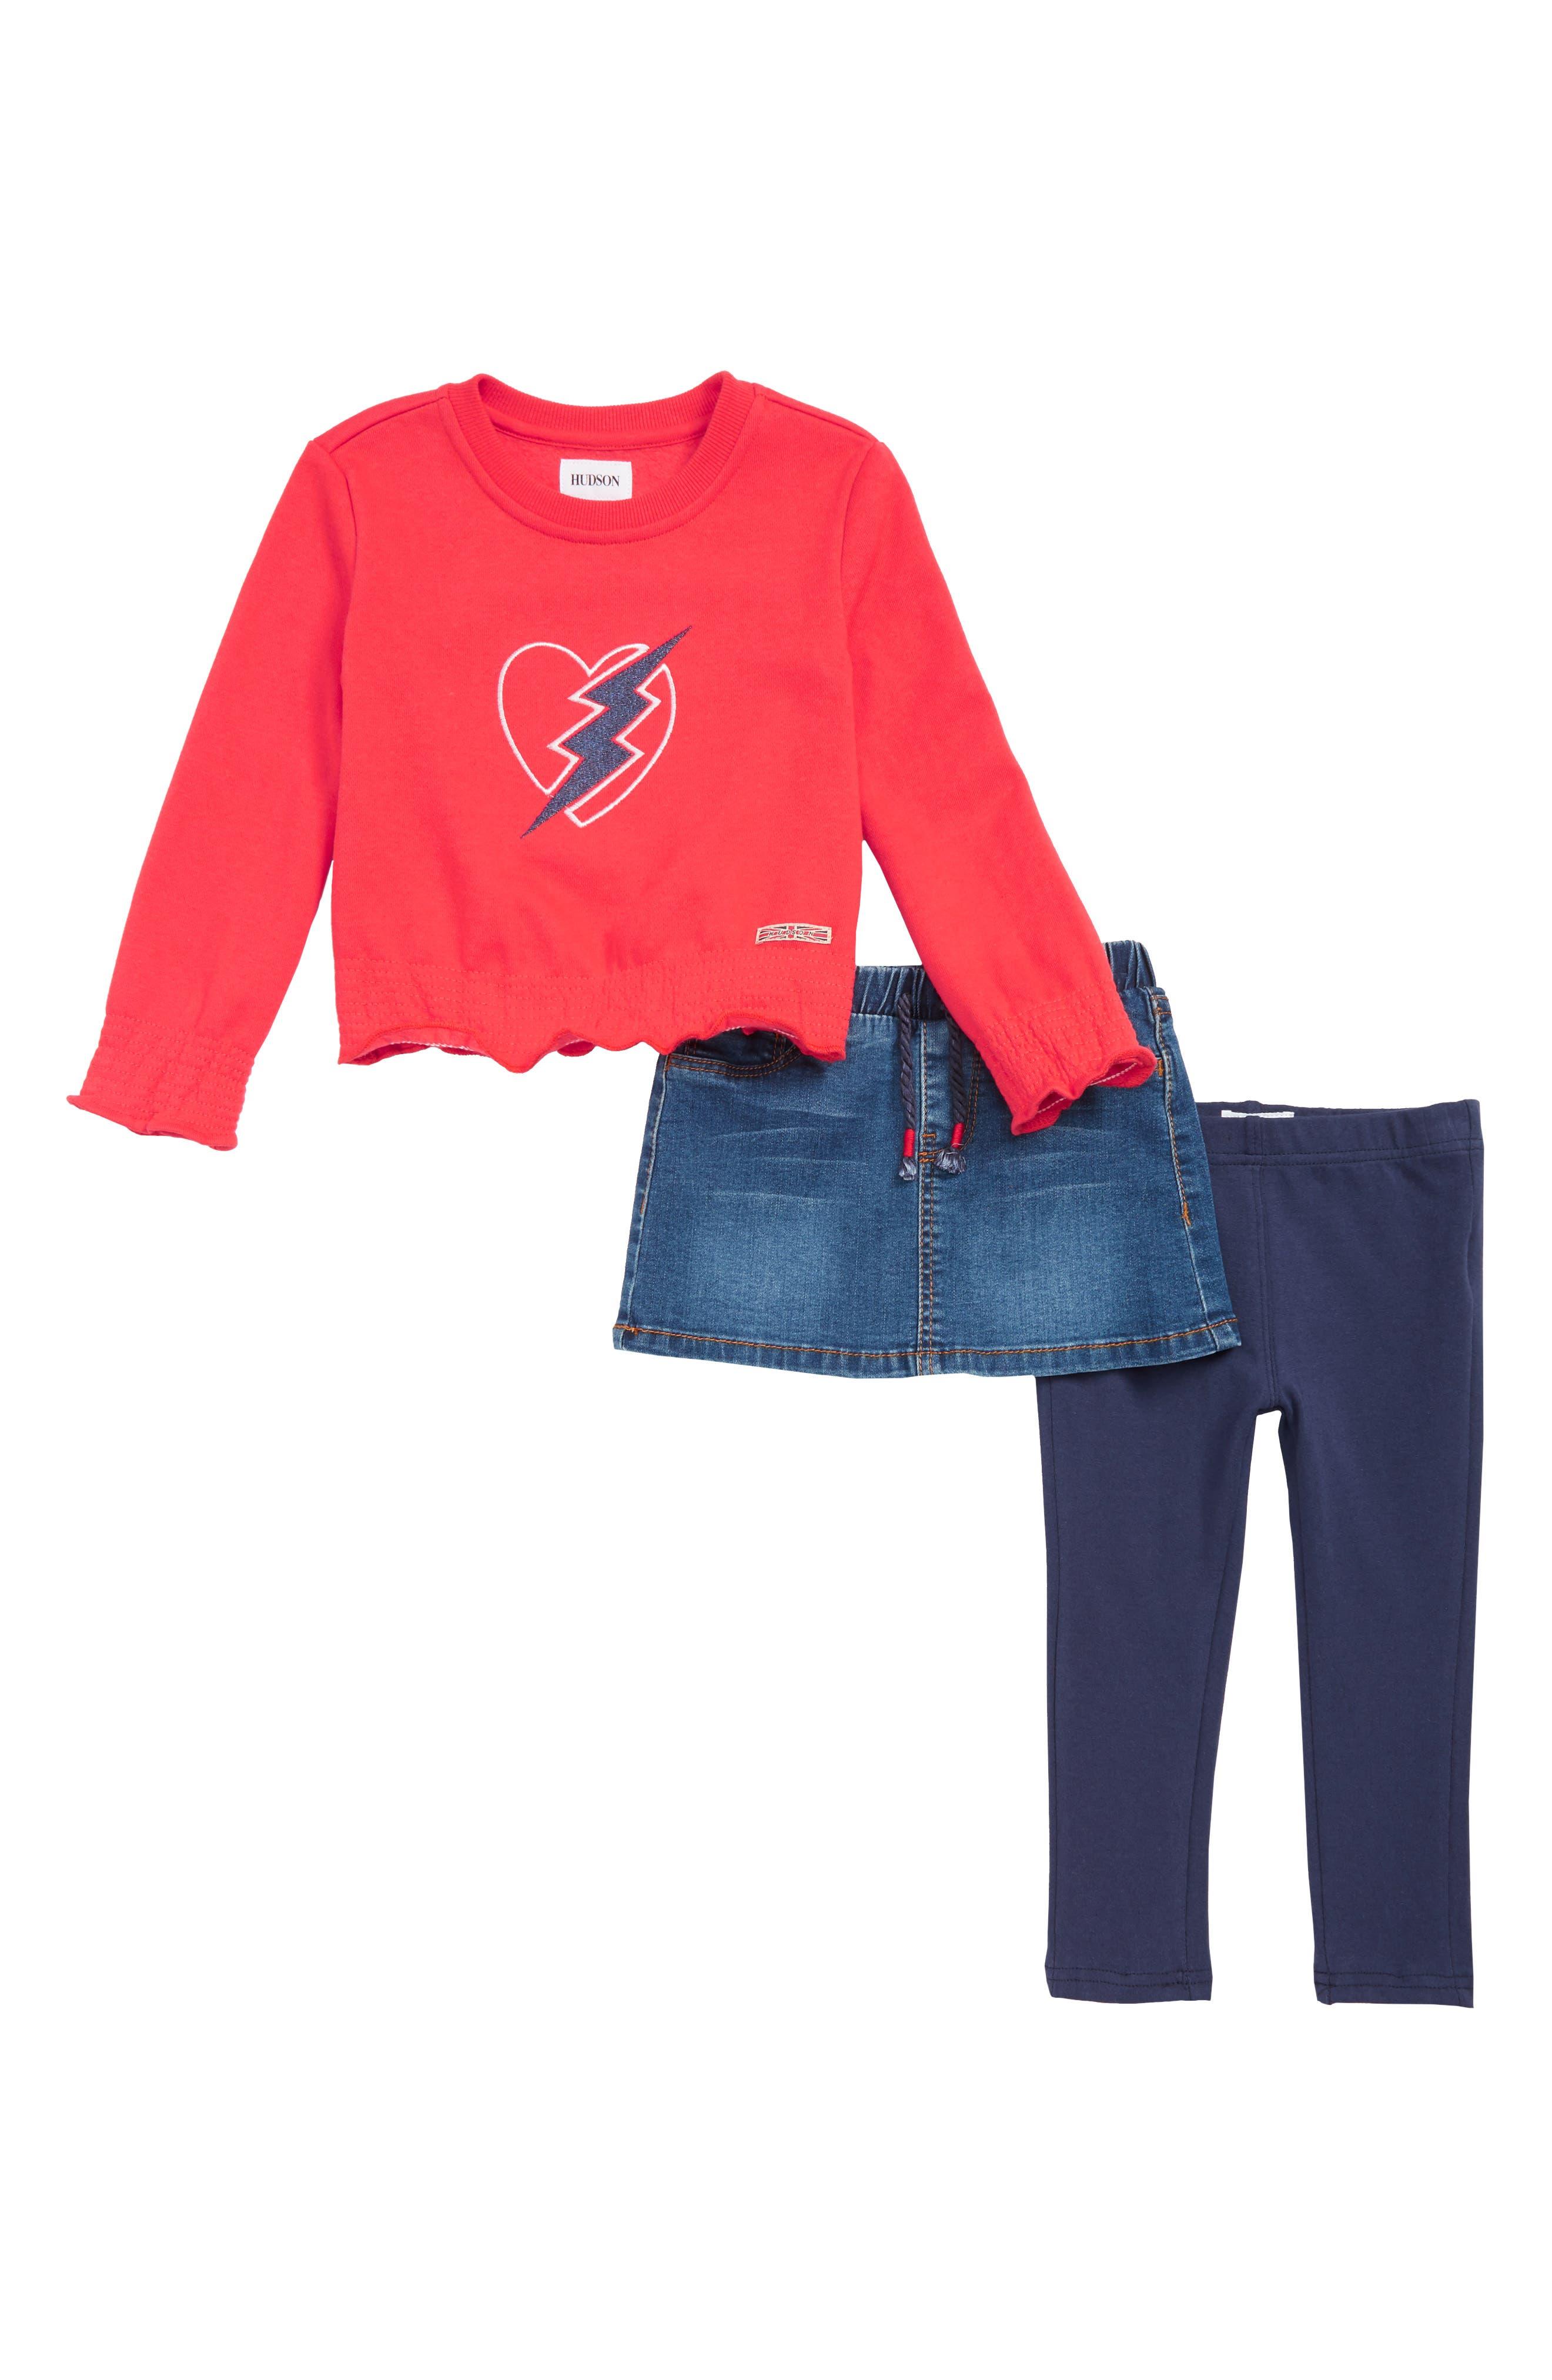 Toddler Girls Hudson Kids Lightning Top Skirt  Leggings Set